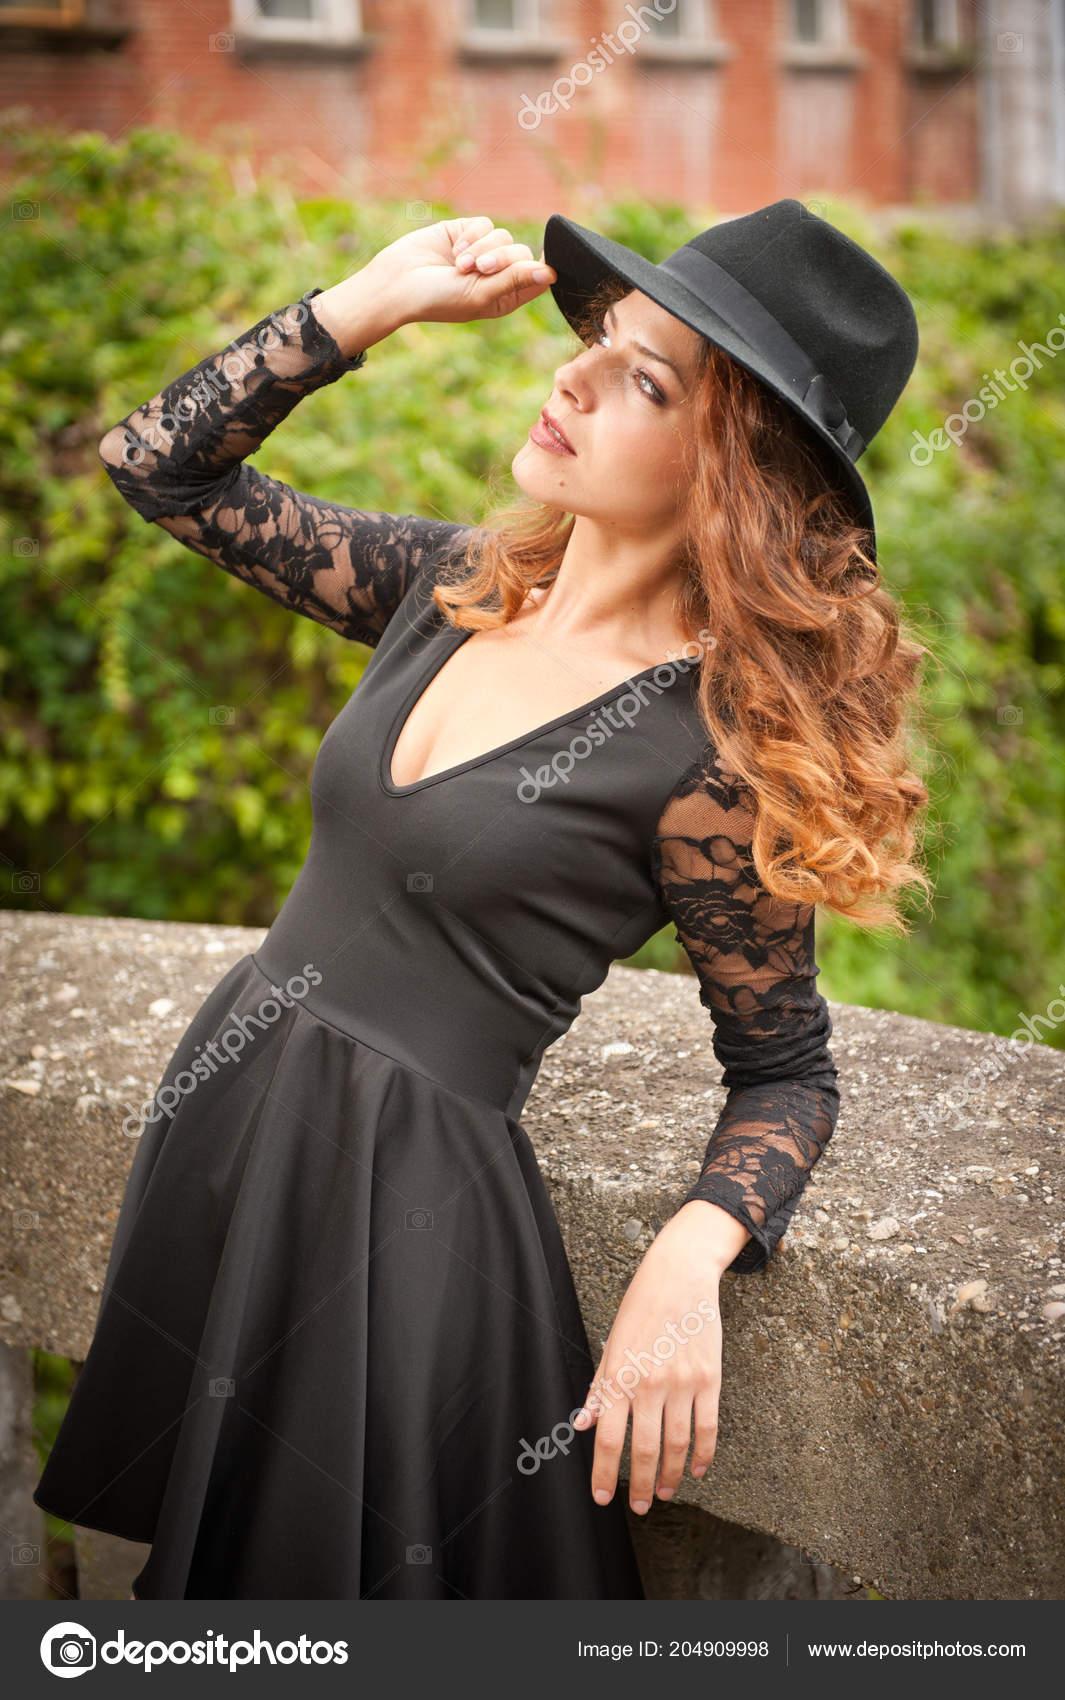 5498c725165eab Charmante junge leicht Braunes Haar Brünette Frau mit großen schwarzen Hut  und Bluse mit Spitzen Ärmel. Sexy wunderschöne junge Frau mit lockiges Haar  ...